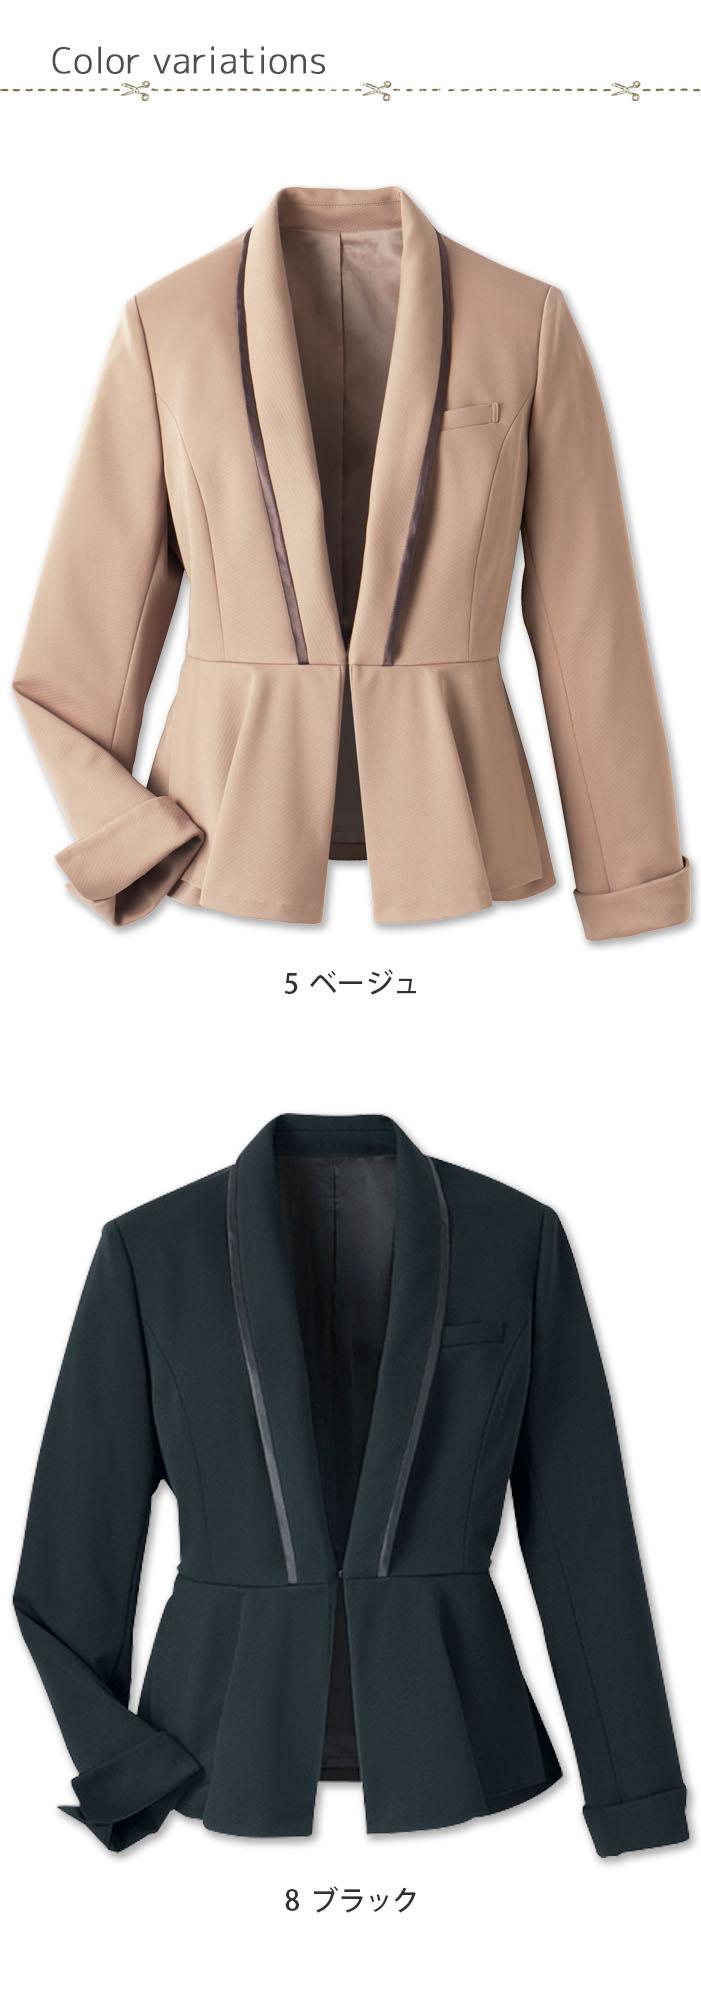 美しいドレープが魅力 ペプラムがエレガントなジャケット【2色】 カラー